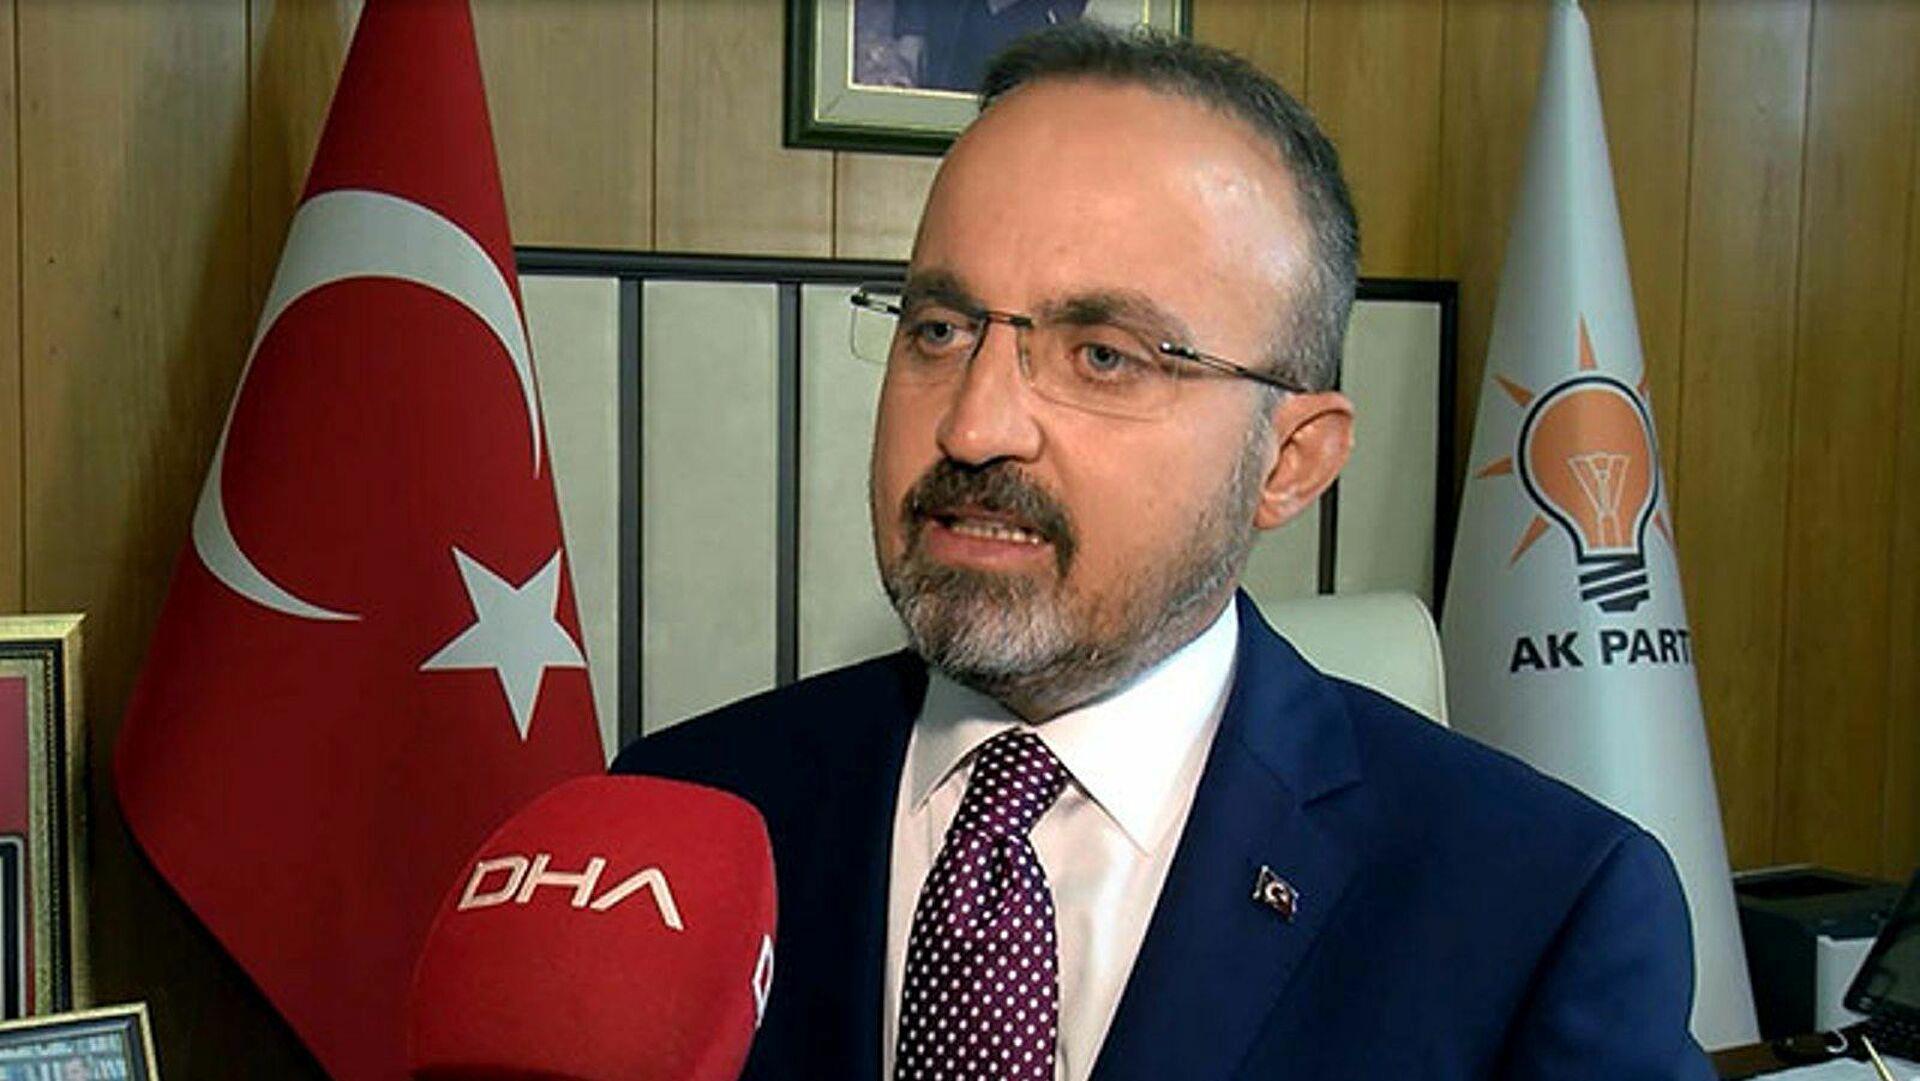 AK Partili Bülent Turan'dan 'fahiş fiyat' açıklaması:  Kaptanımız sağlam, bunu aşacak olan biziz